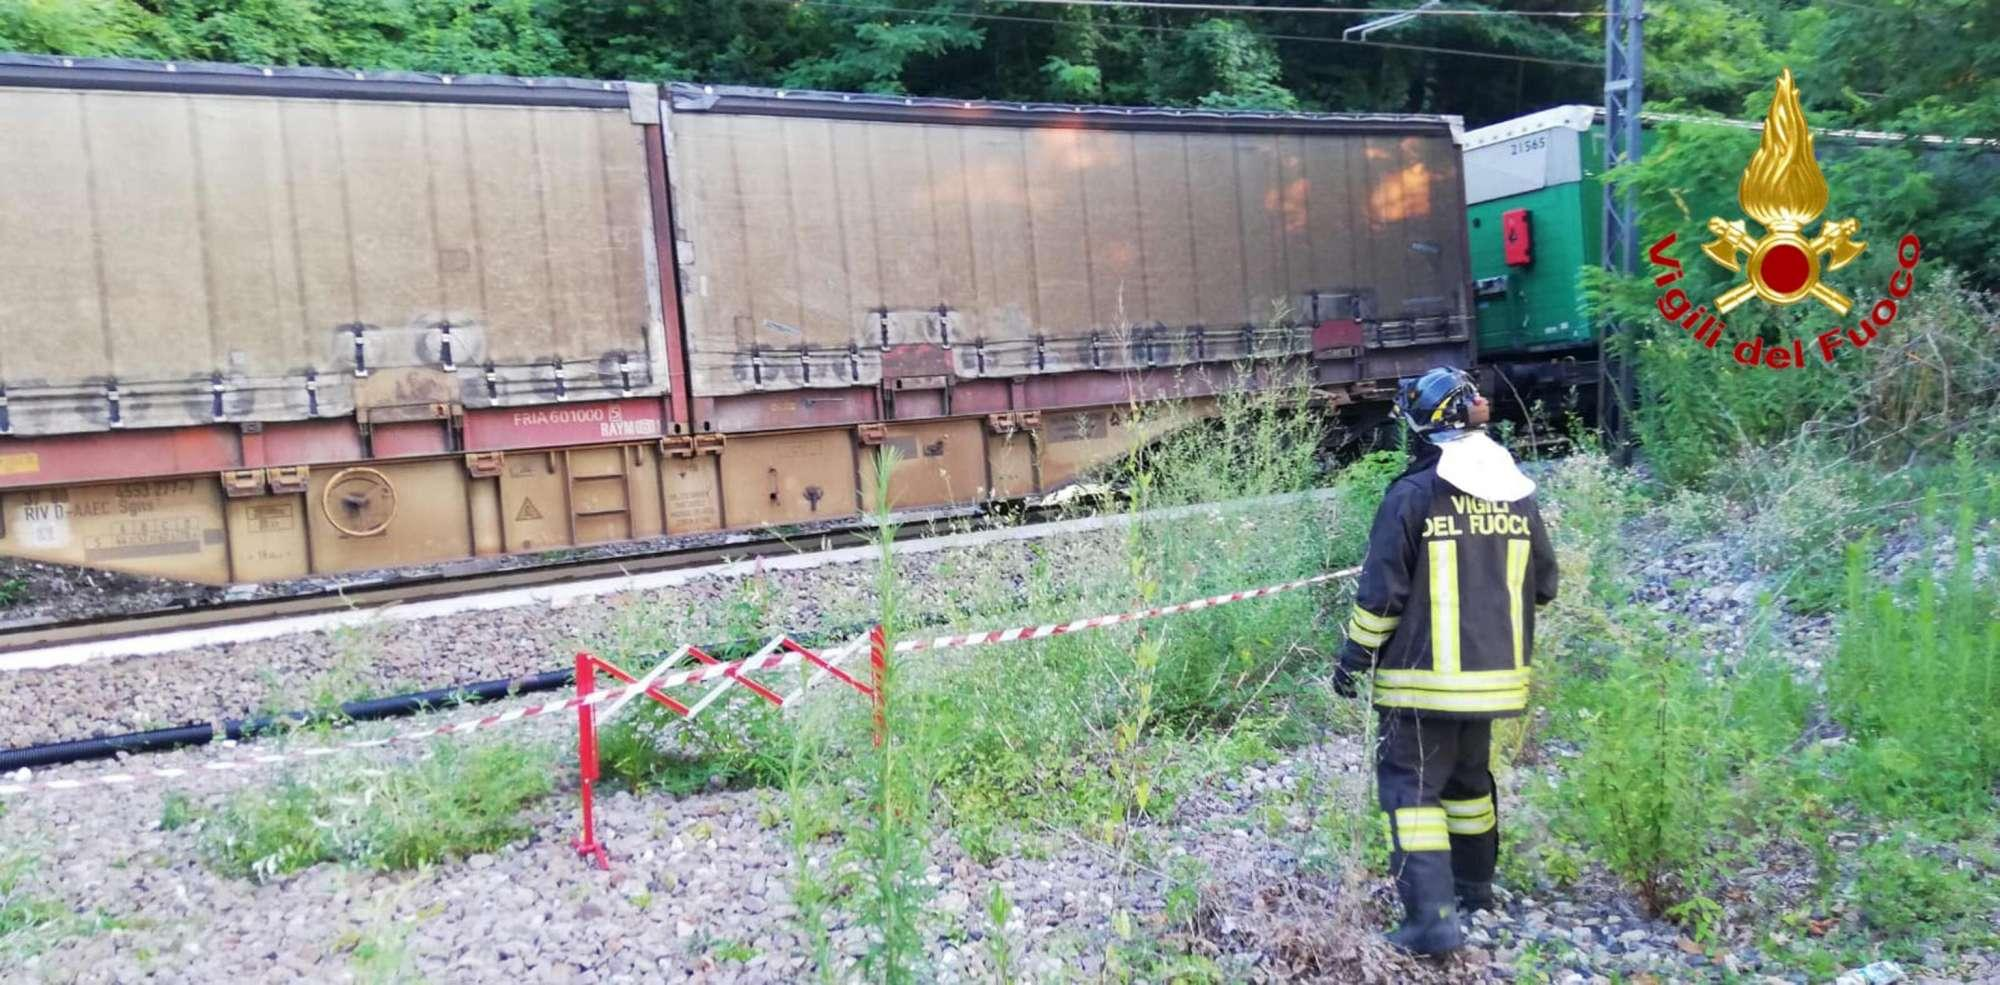 Incidente nel Varesotto, treno merci travolge un auto: due vittime